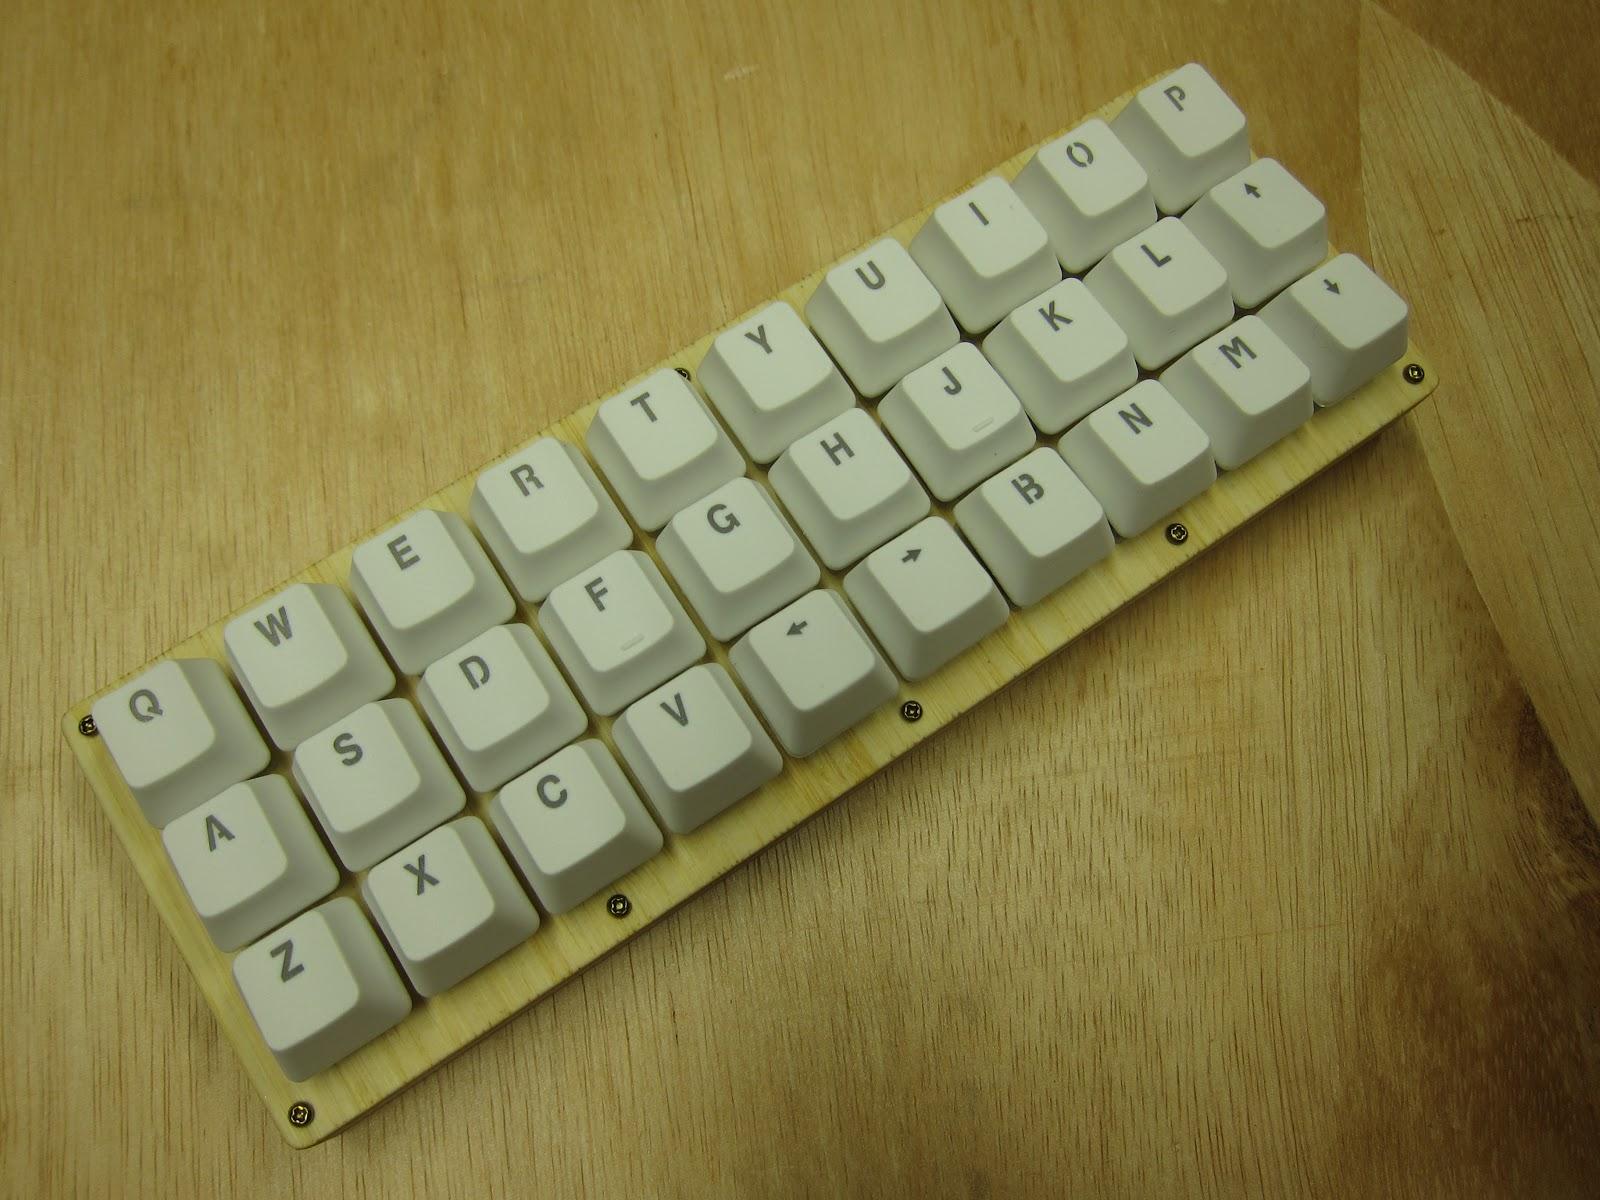 40% Keyboards: Gherkin Wood